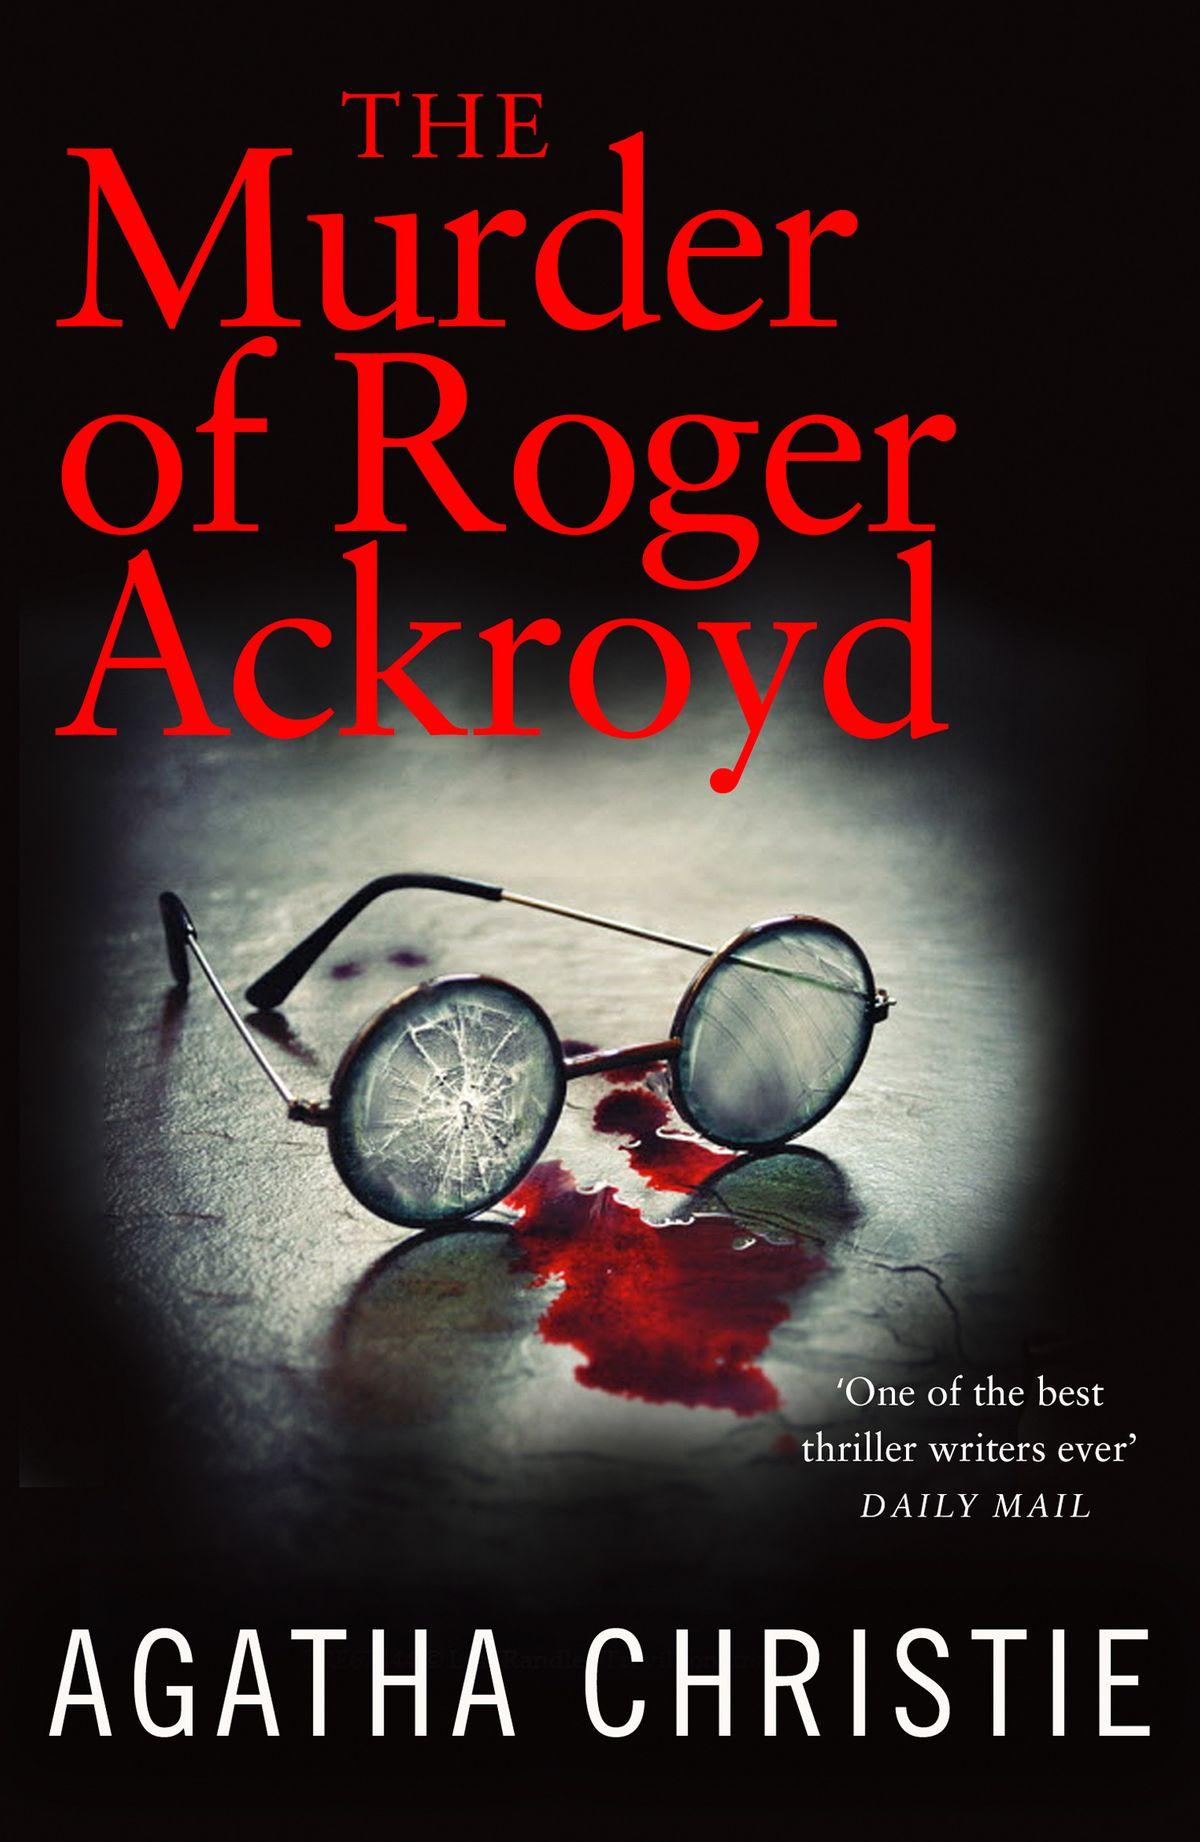 مقتل روجر أكرويد